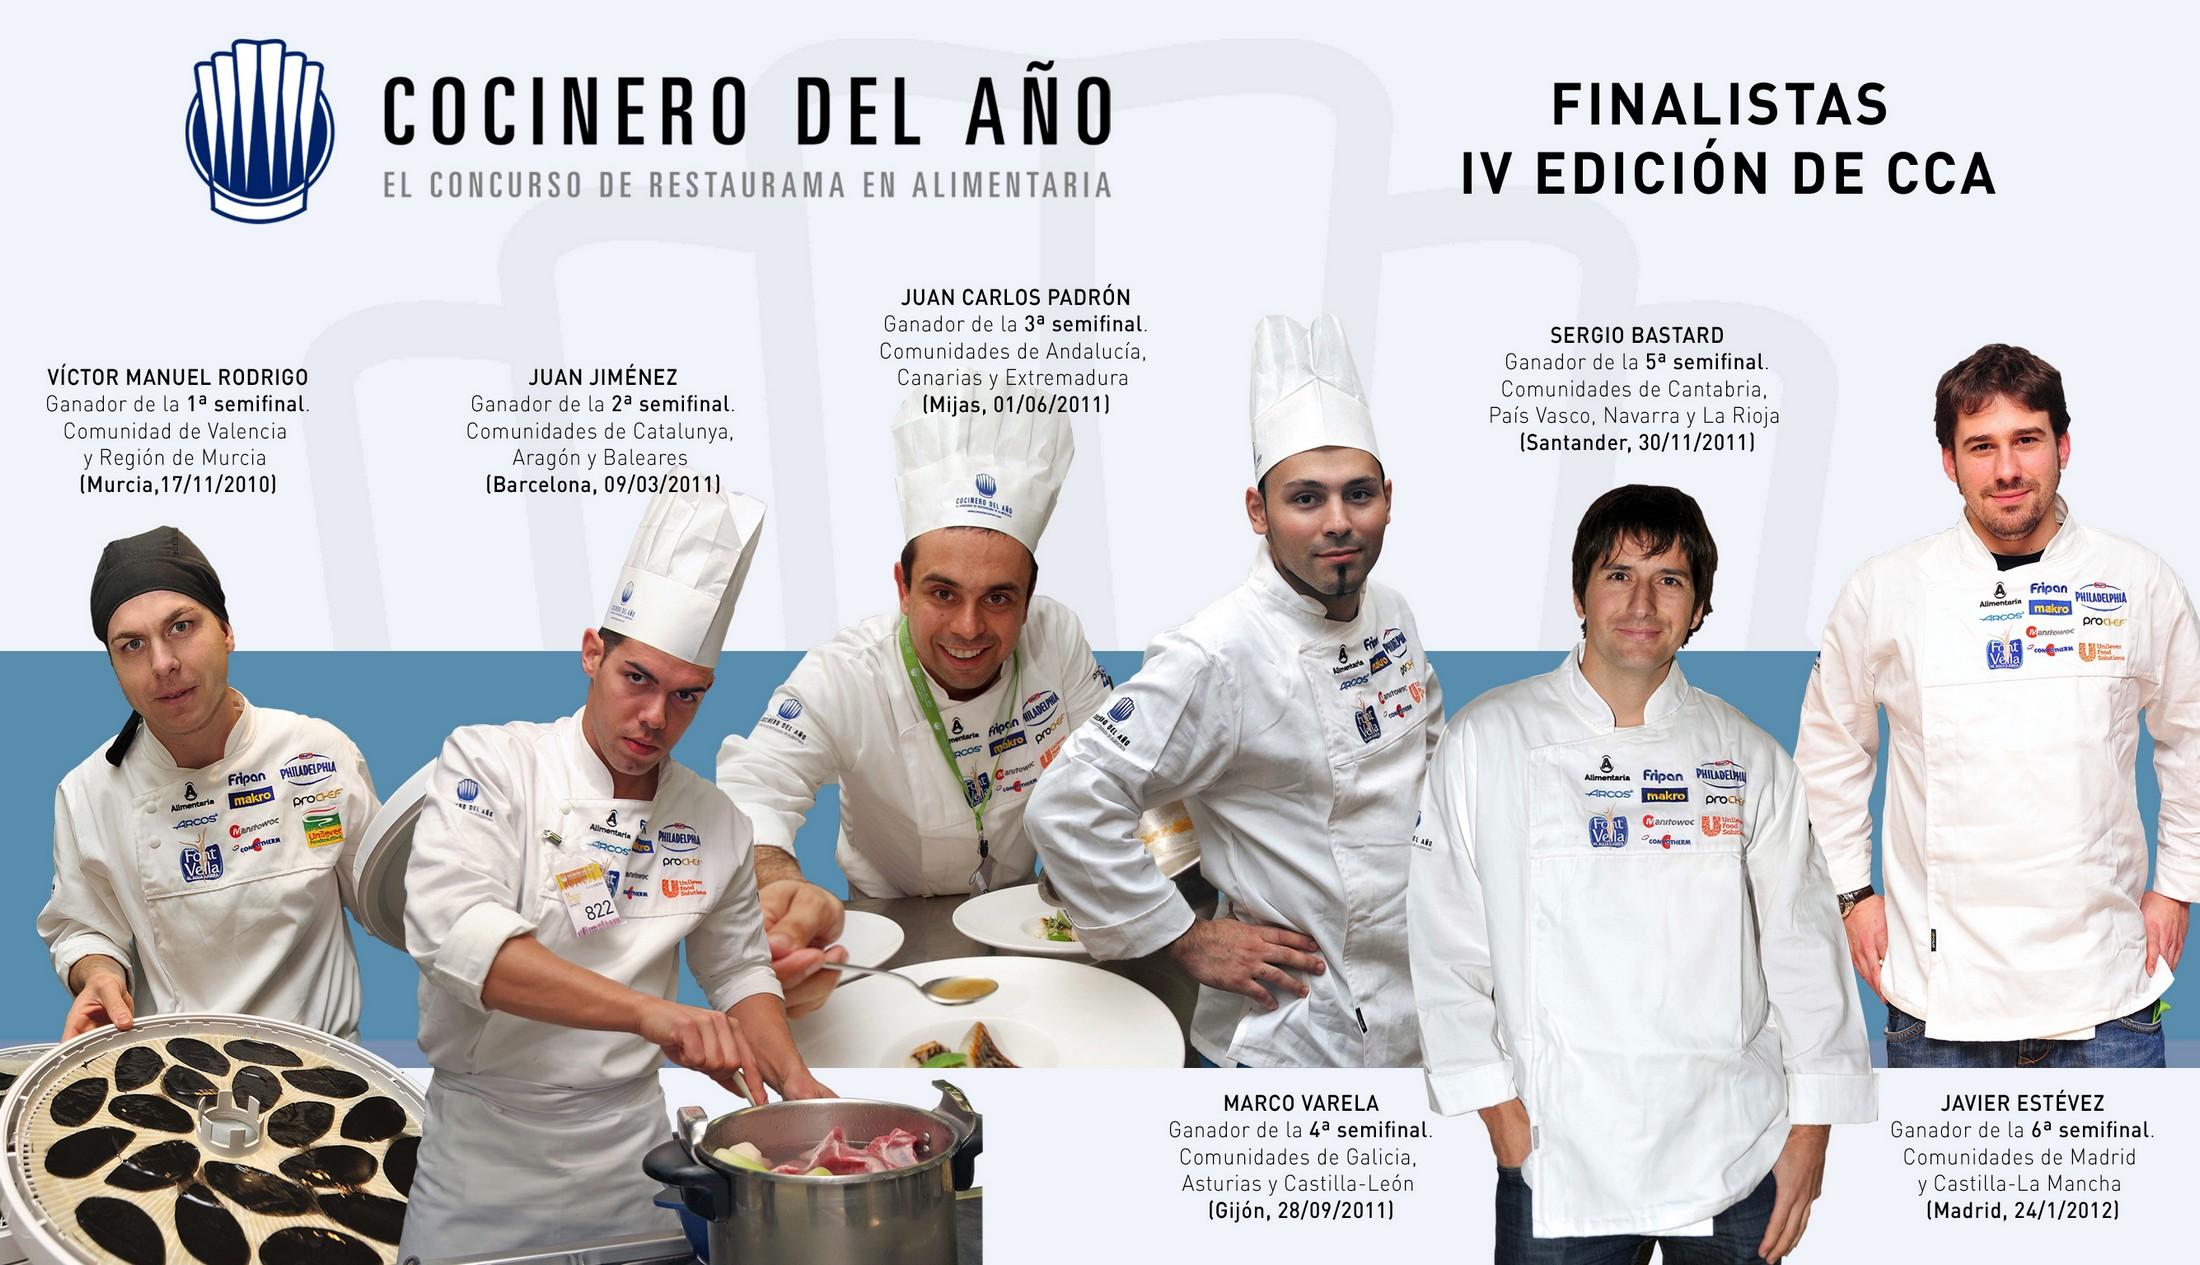 Finalistas concurso Cocinero del Año 2012